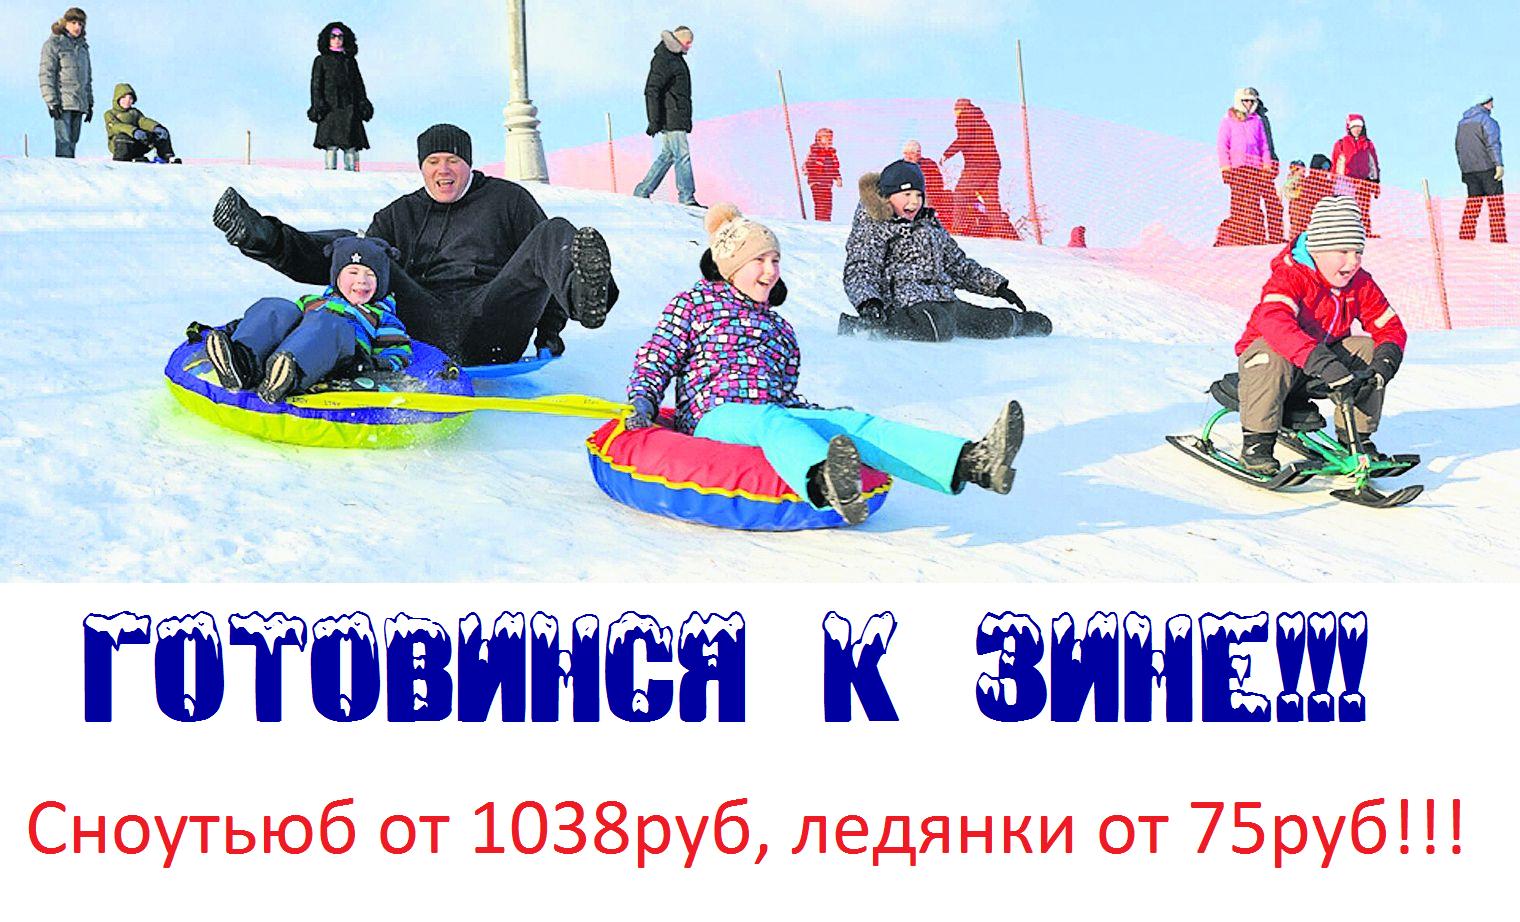 Начинаем готовиться к зиме! Сноутьюбы, сноуботы, ледянки, снегокат